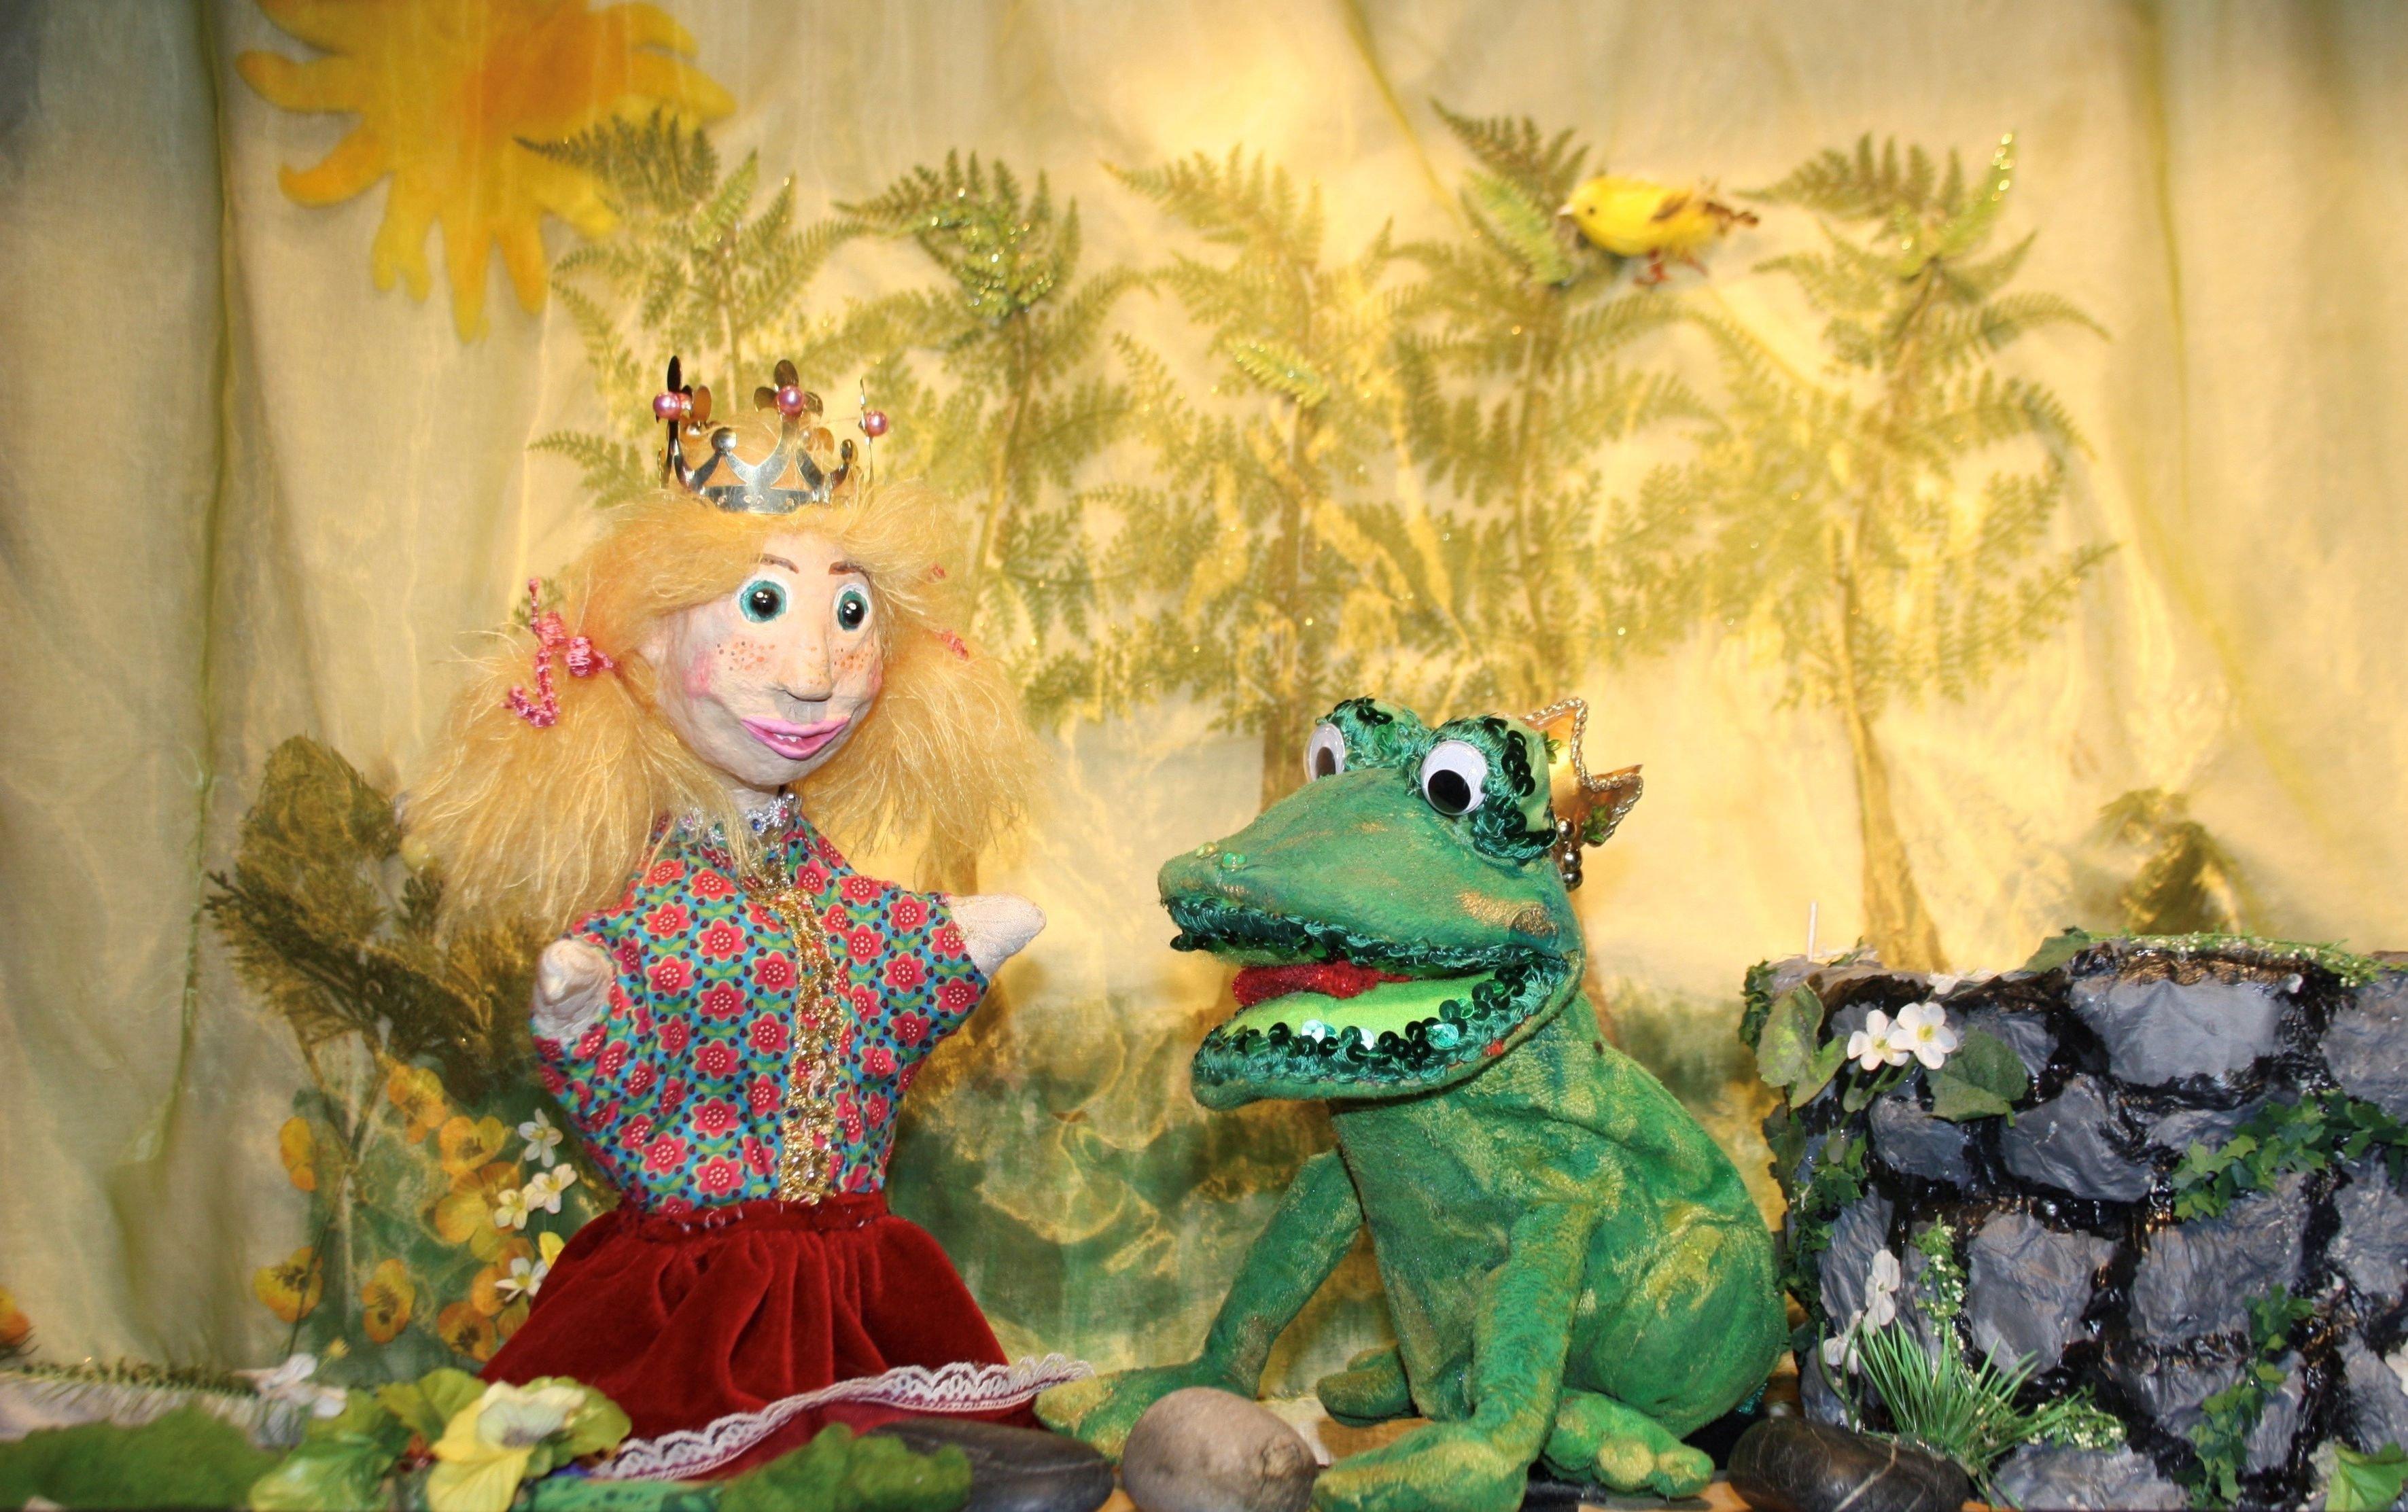 Kindertheaterreihe: Krowis Puppenbühne: Der Froschkönig - © Figurentheater Krowis